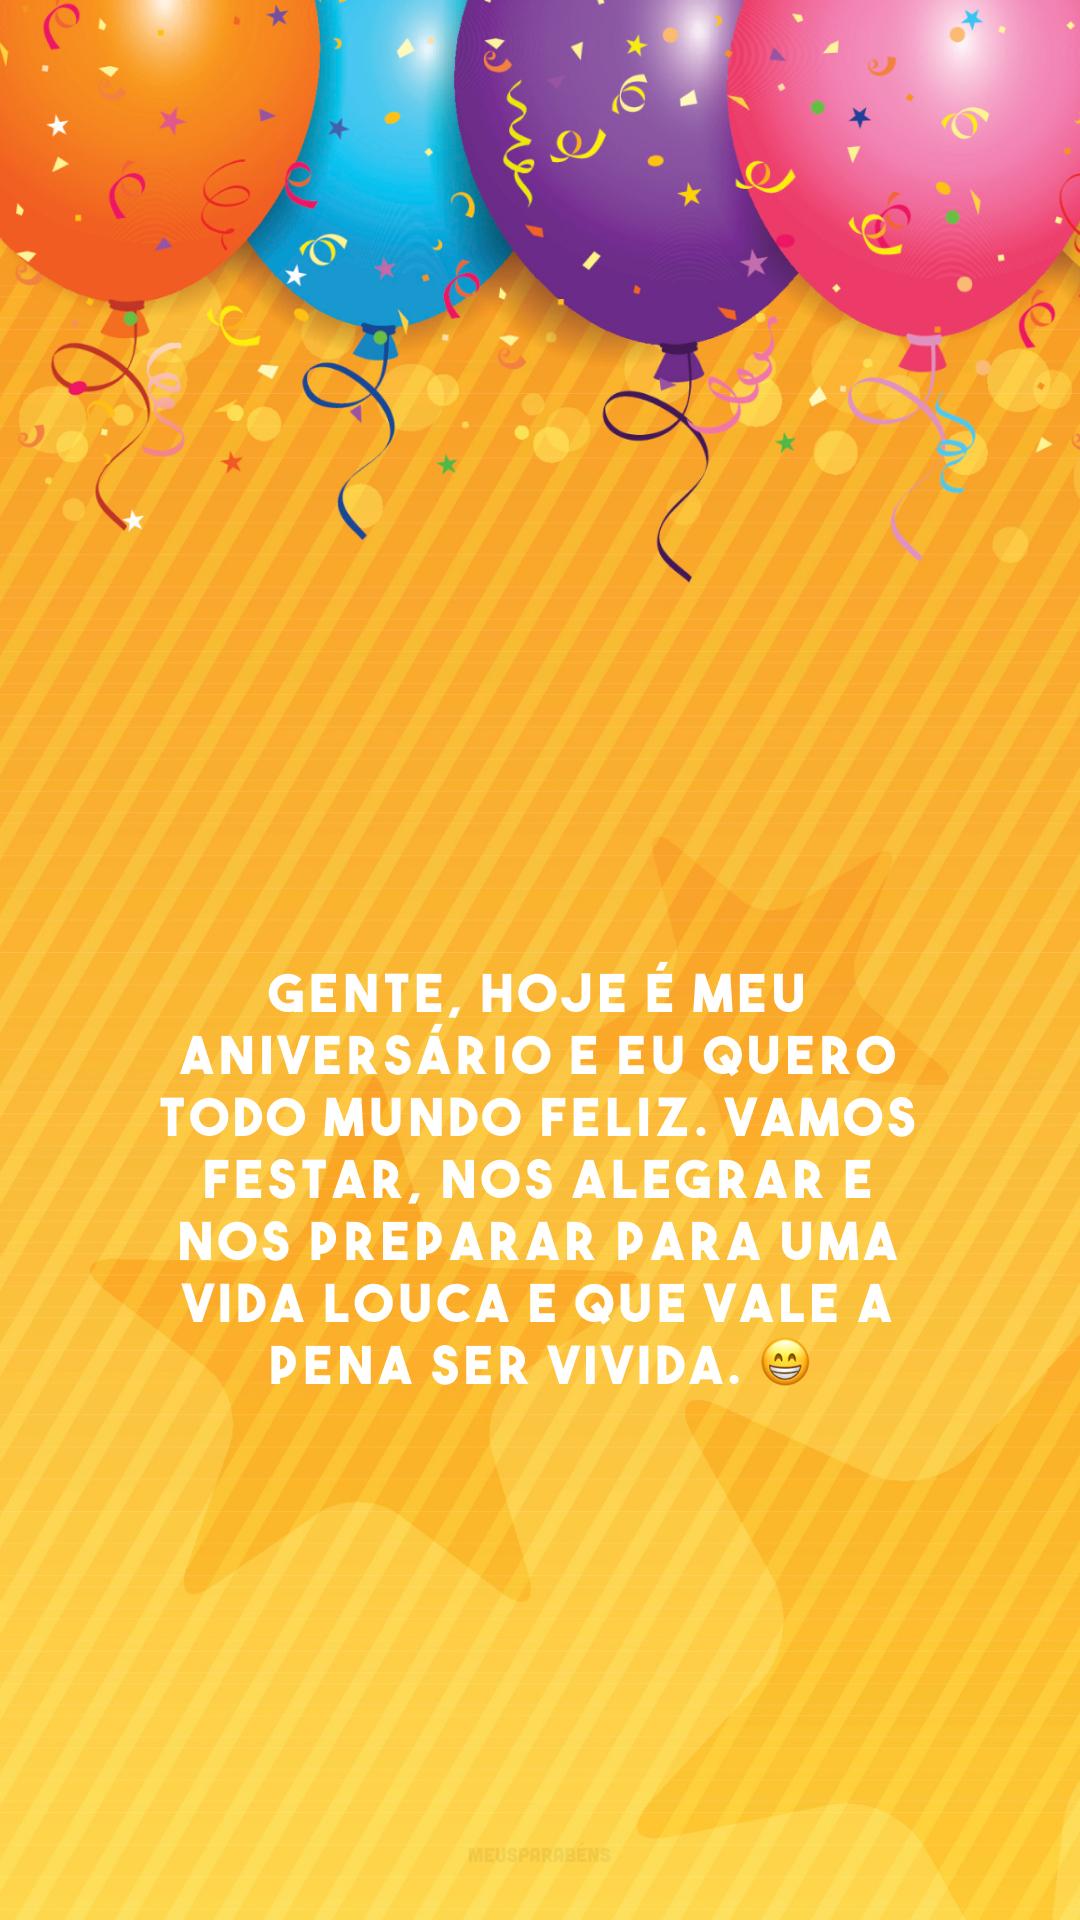 Gente, hoje é meu aniversário e eu quero todo mundo feliz. Vamos festar, nos alegrar e nos preparar para uma vida louca e que vale a pena ser vivida. 😁